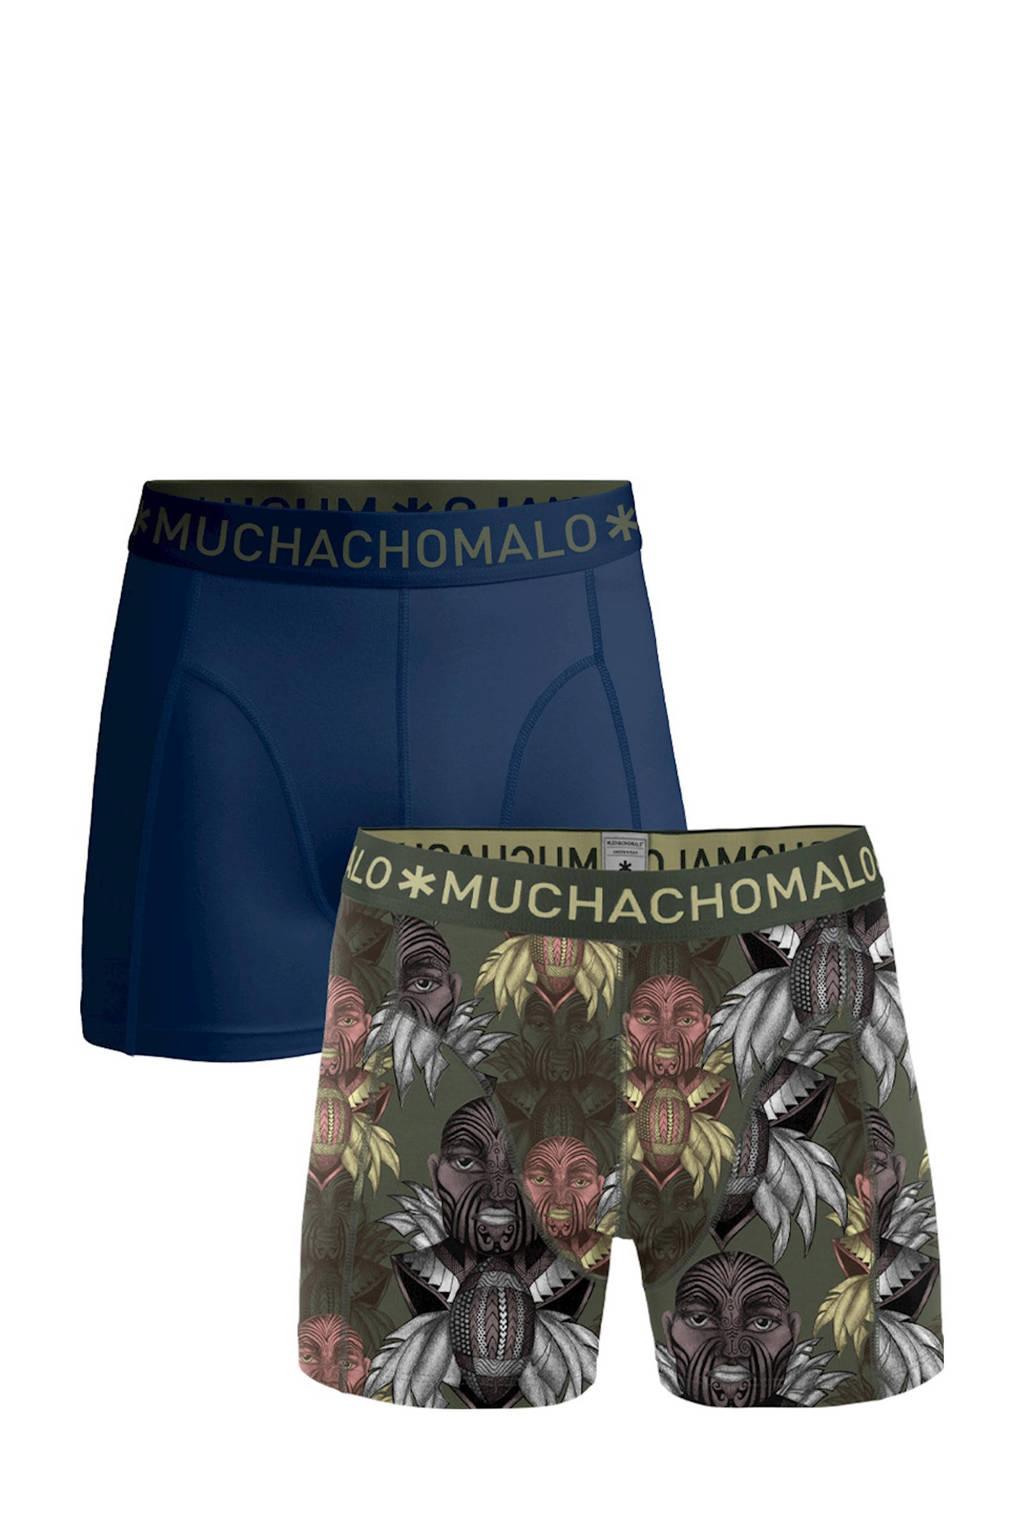 Muchachomalo   boxershort King Maori - set van 2, Donkerblauw/groen